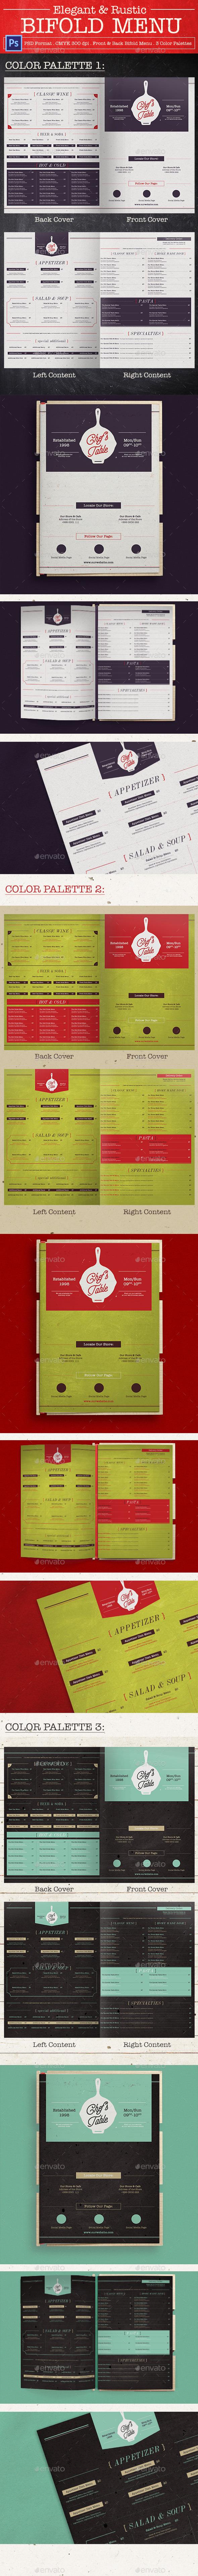 Elegant Rustic Bifold Menu - Food Menus Print Templates